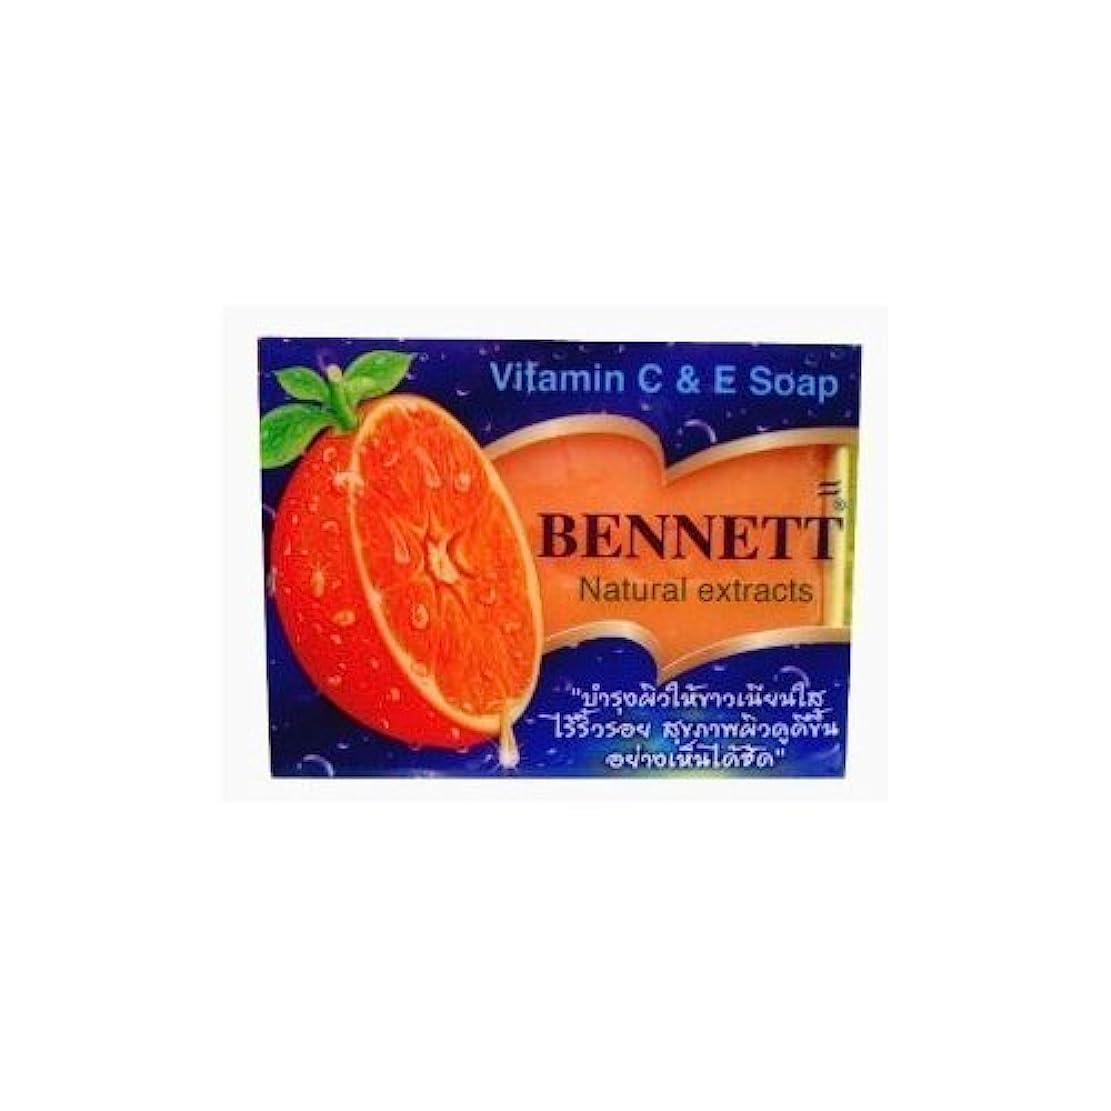 大学院考えるギャロップHigh Vitamin Fruit Extract Body and Face Bar Spa Soap 4.59 0z, Enriched Vitamin C & E Skin Smooth & Anti Acne...